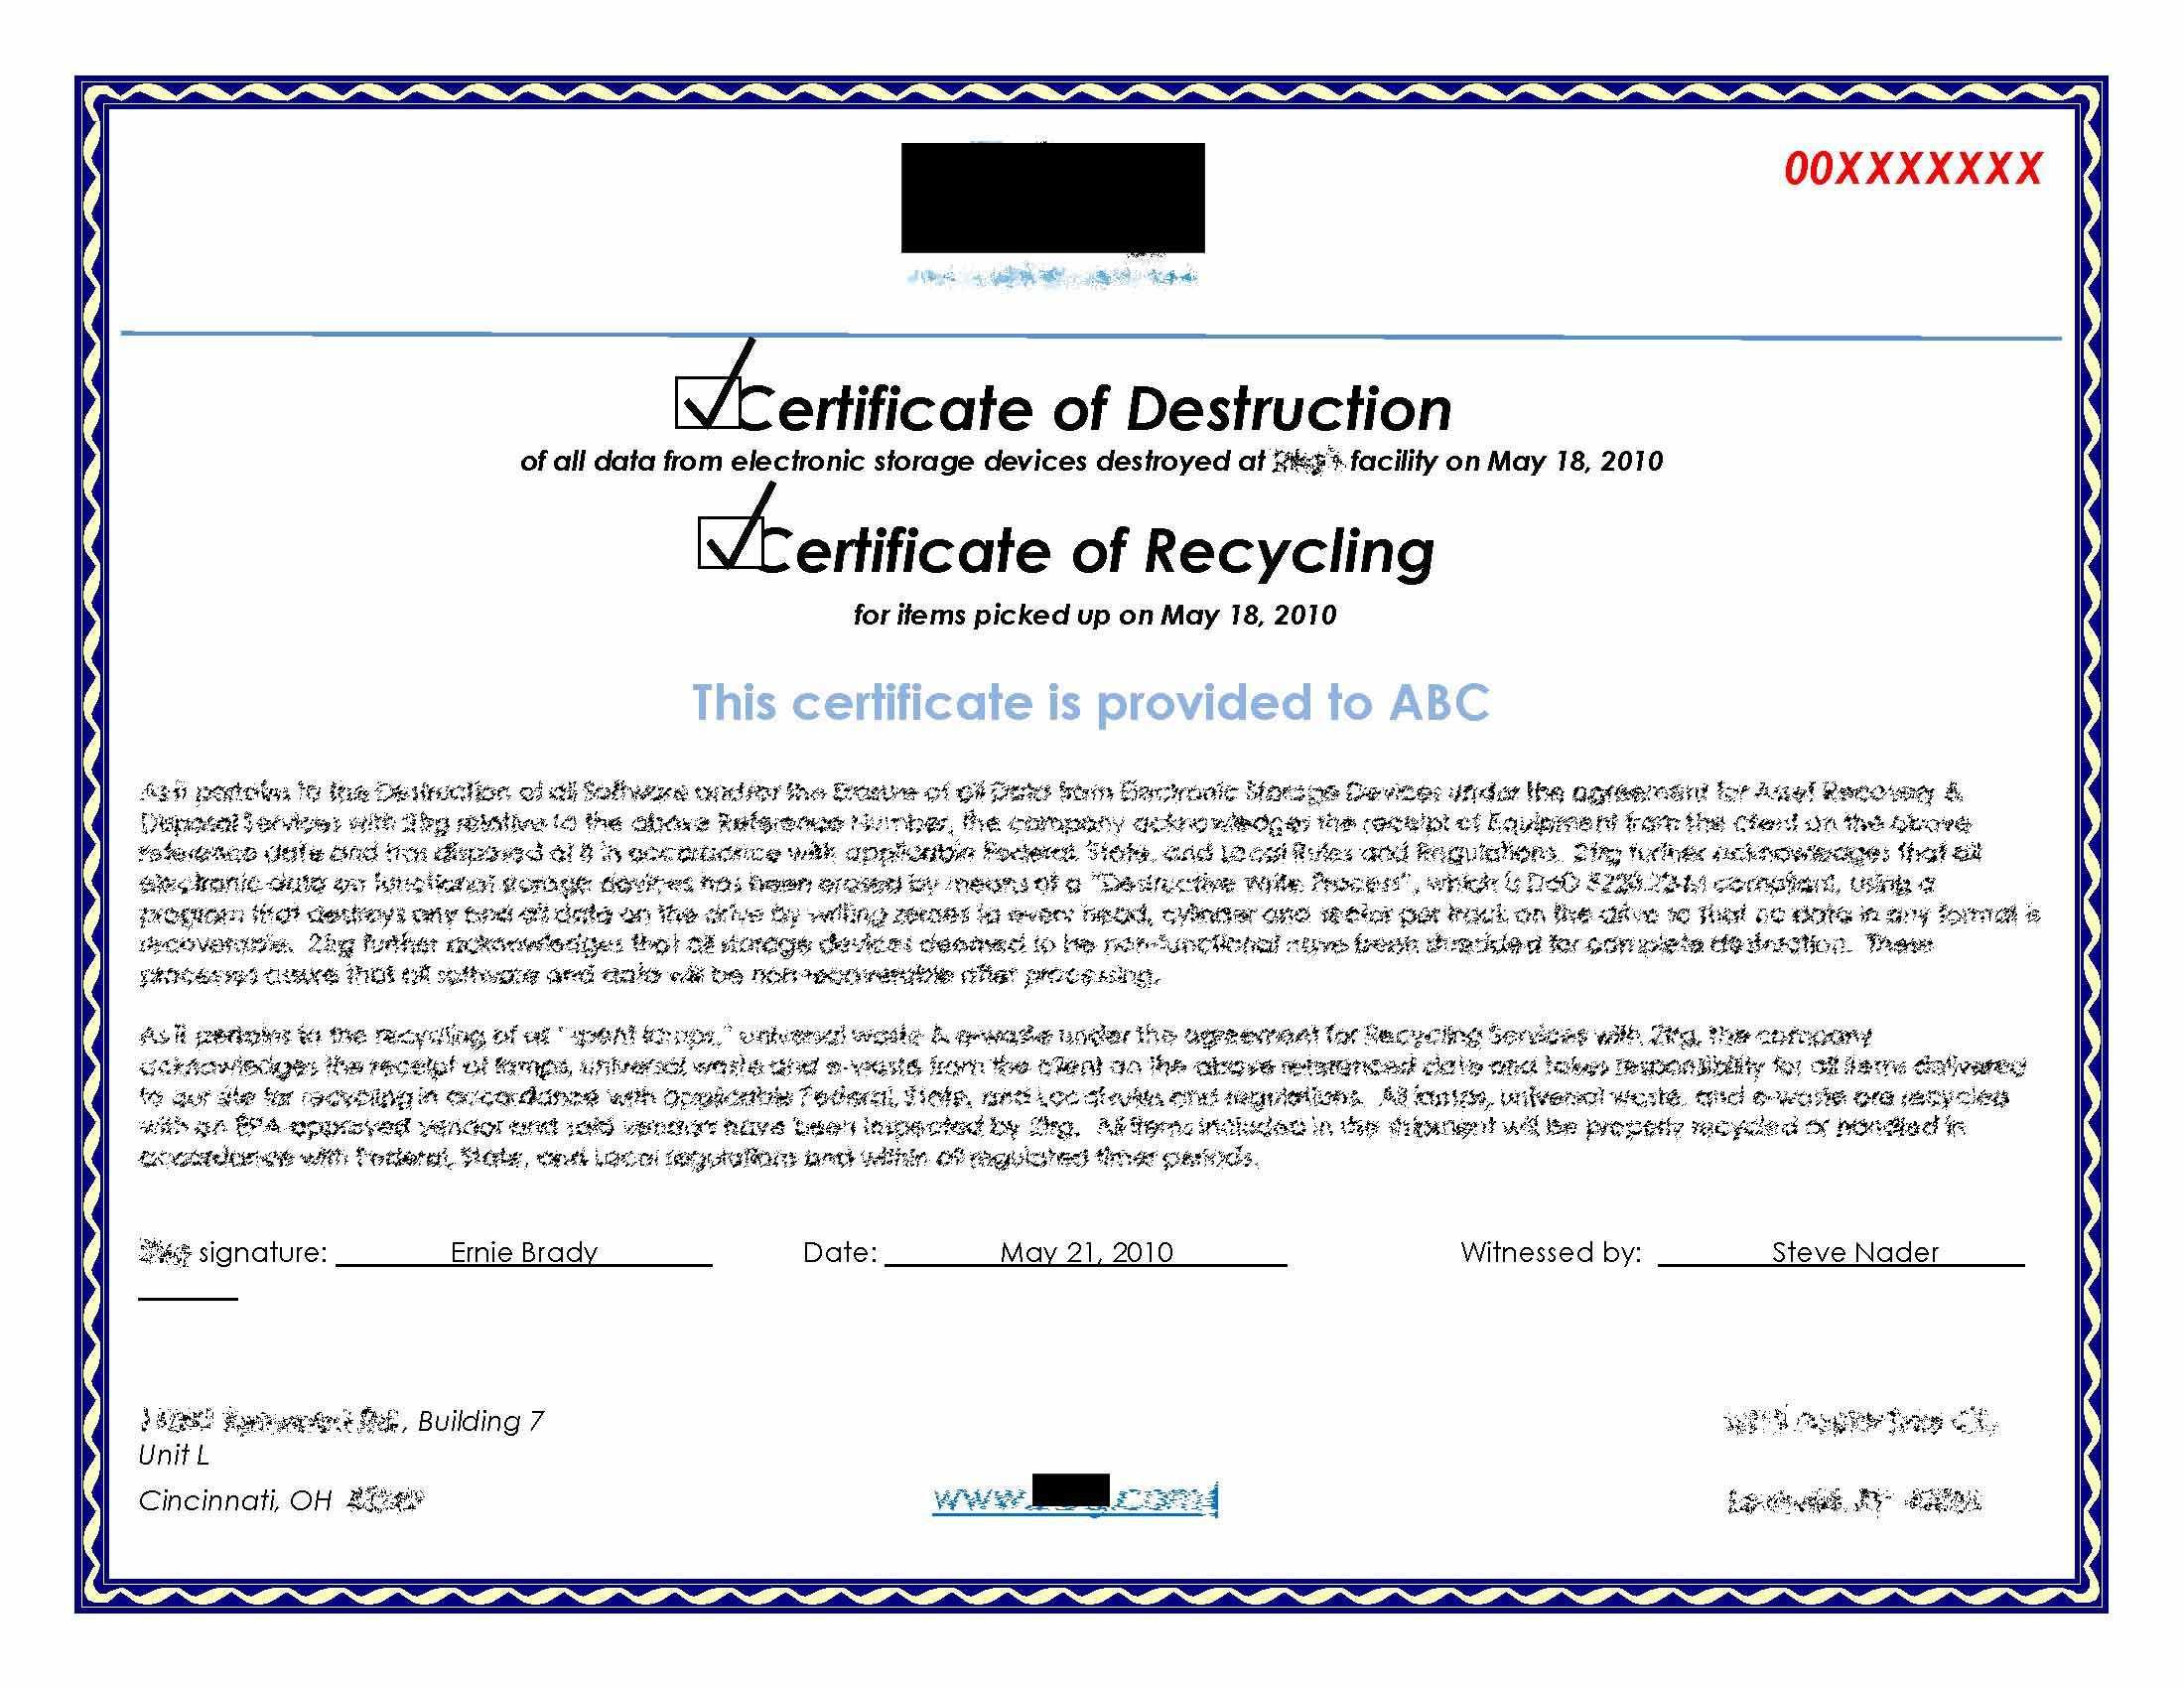 Hard Drive Destruction Certificate Template ] - Certificate Intended For Hard Drive Destruction Certificate Template